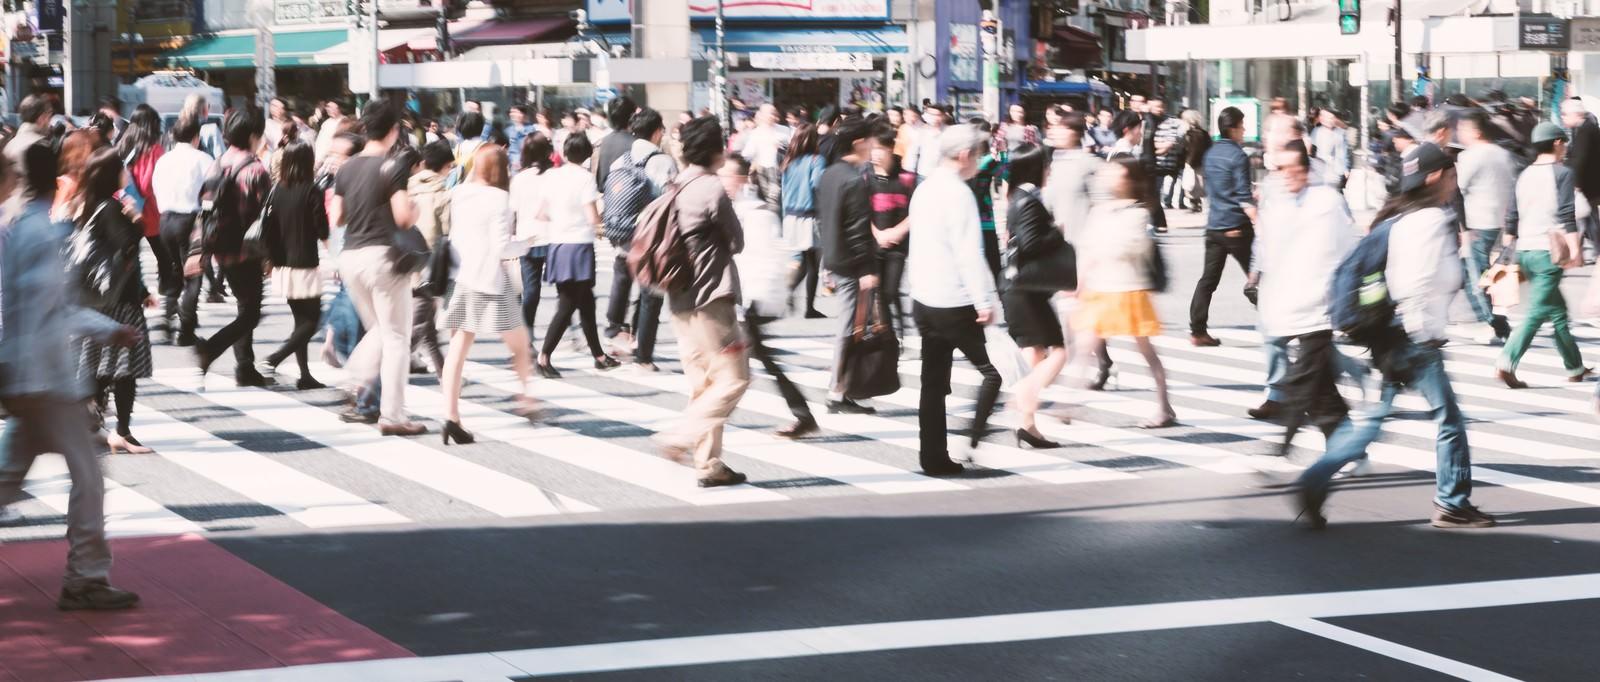 「渋谷の人混み渋谷の人混み」のフリー写真素材を拡大